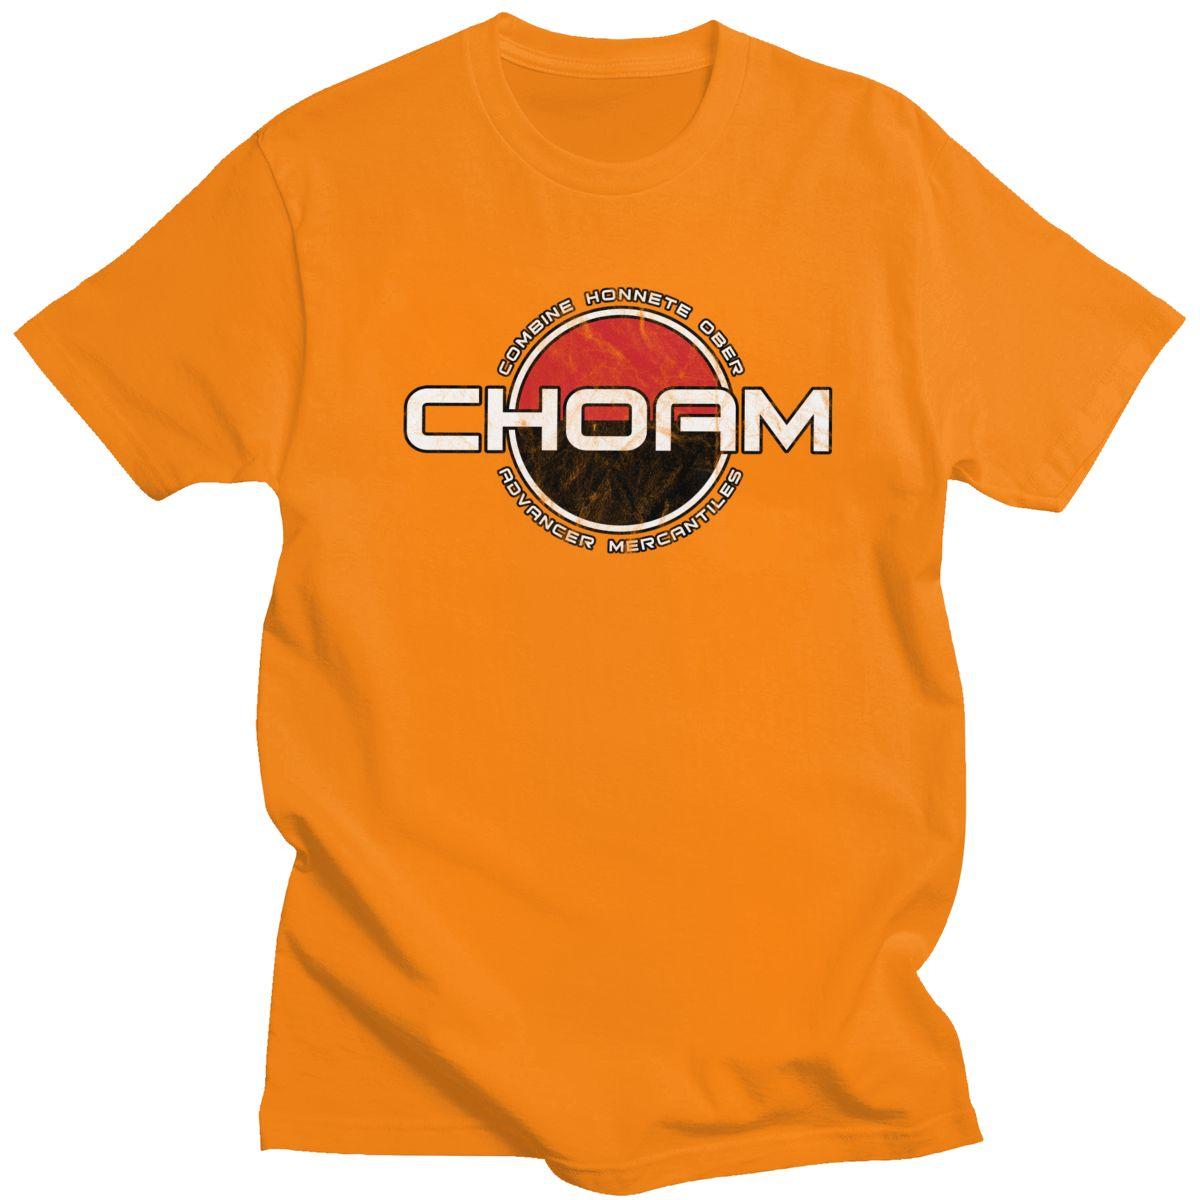 Camisa masculina de manga curta do vintage de choam duna t camiseta de algodão macio lazer combinar honnete ober vantajer t...